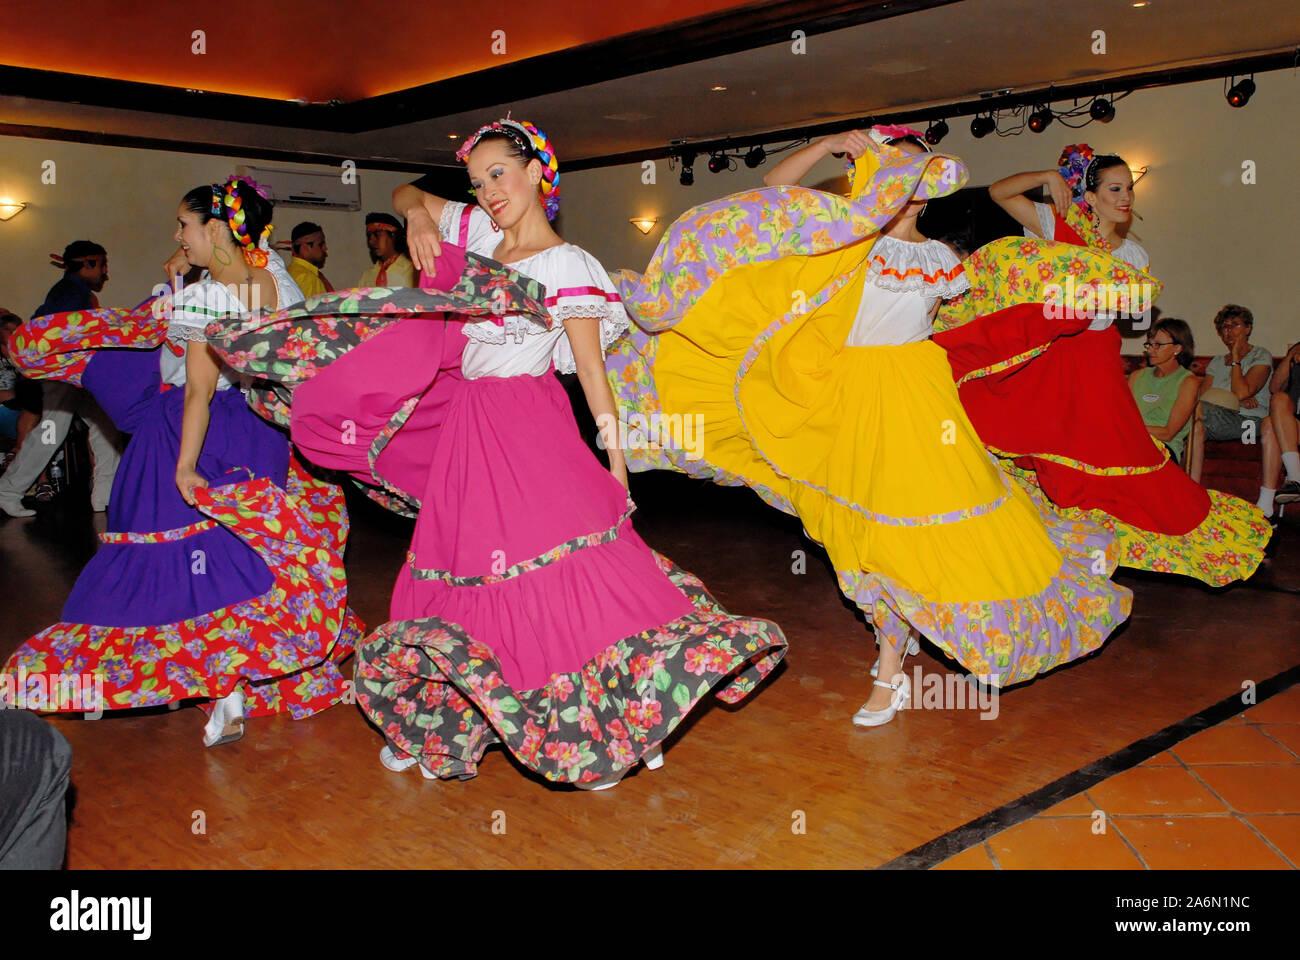 Mexican folk dance, danzatori provenienti da Loreto, Baja California Sur - Mexico. Posada de las Flores, Loreto, Messico, 01 aprile 2010 Foto Stock